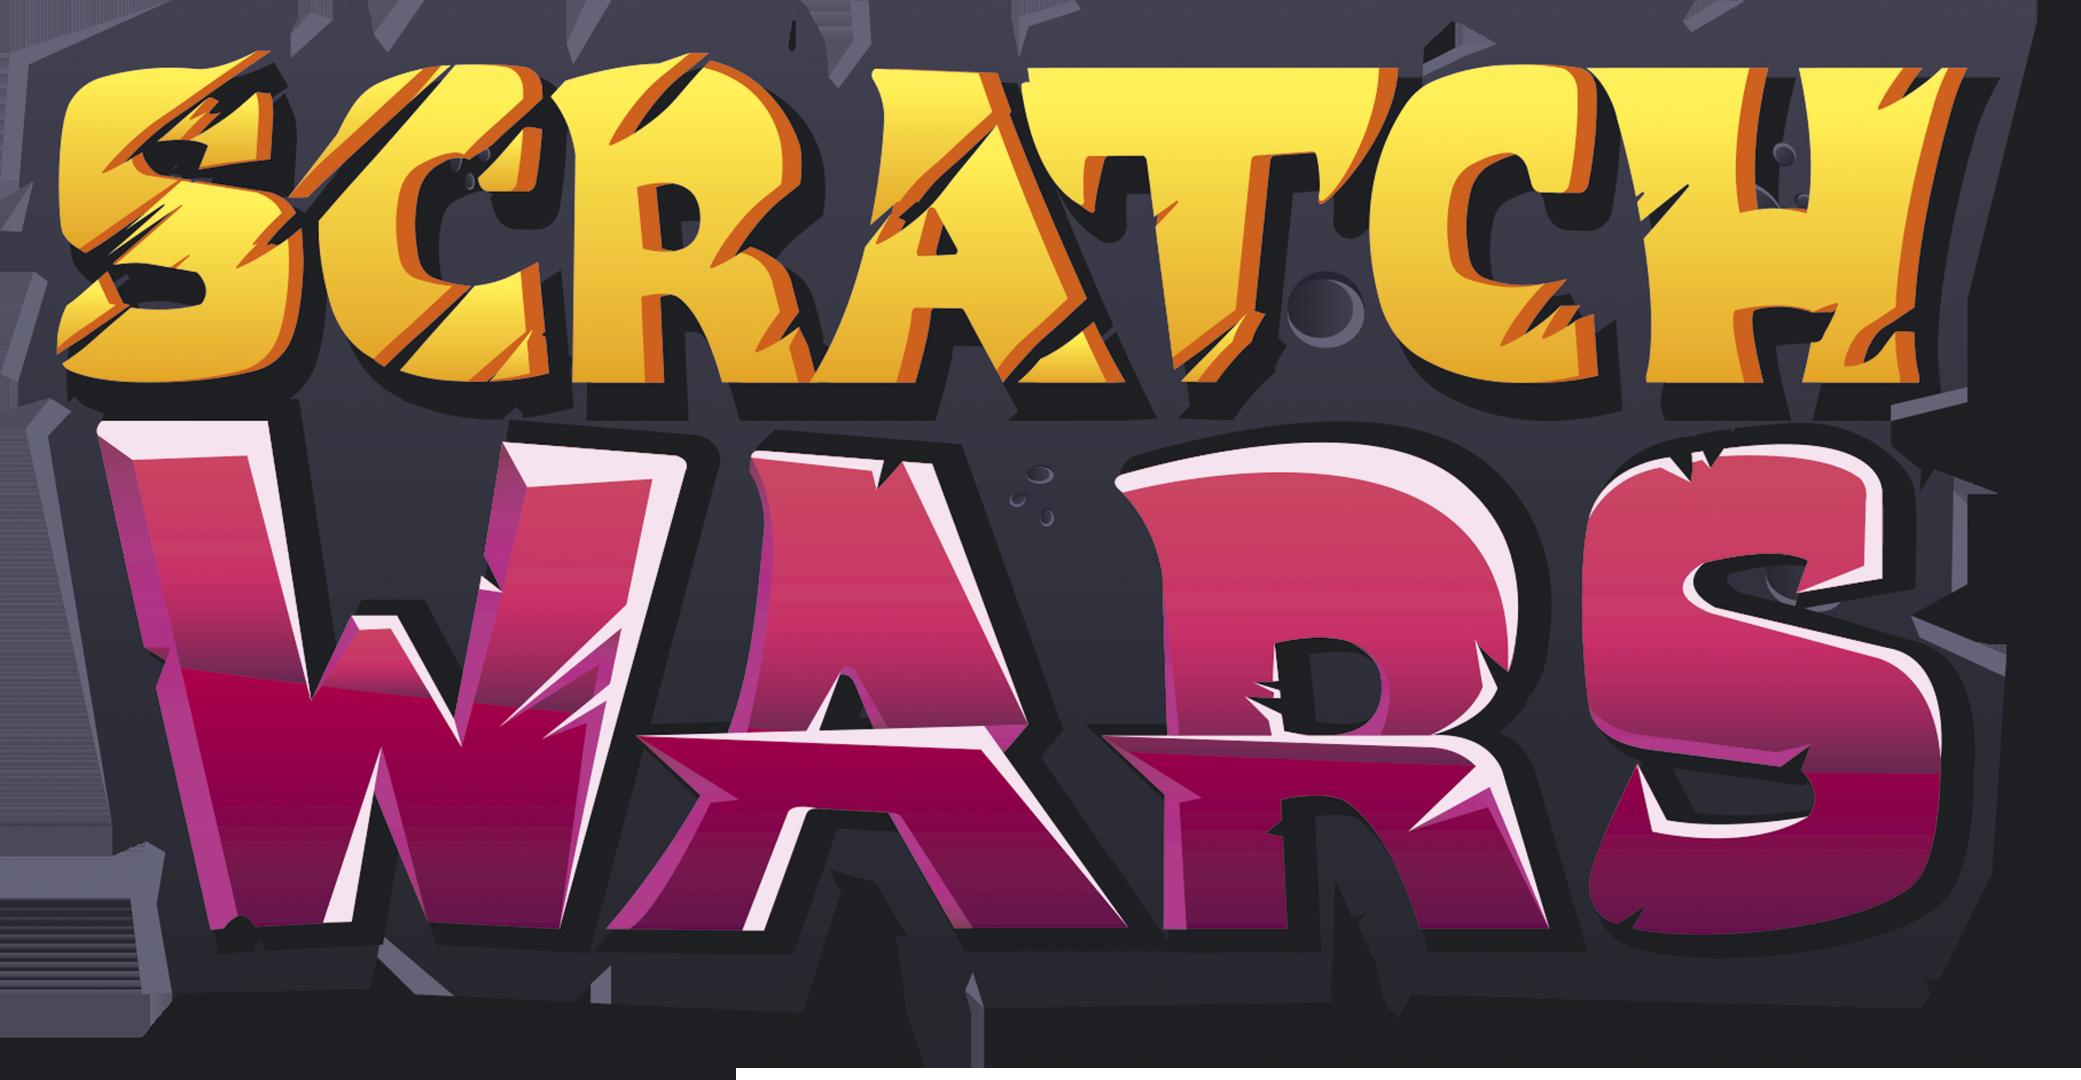 Scratch Wars